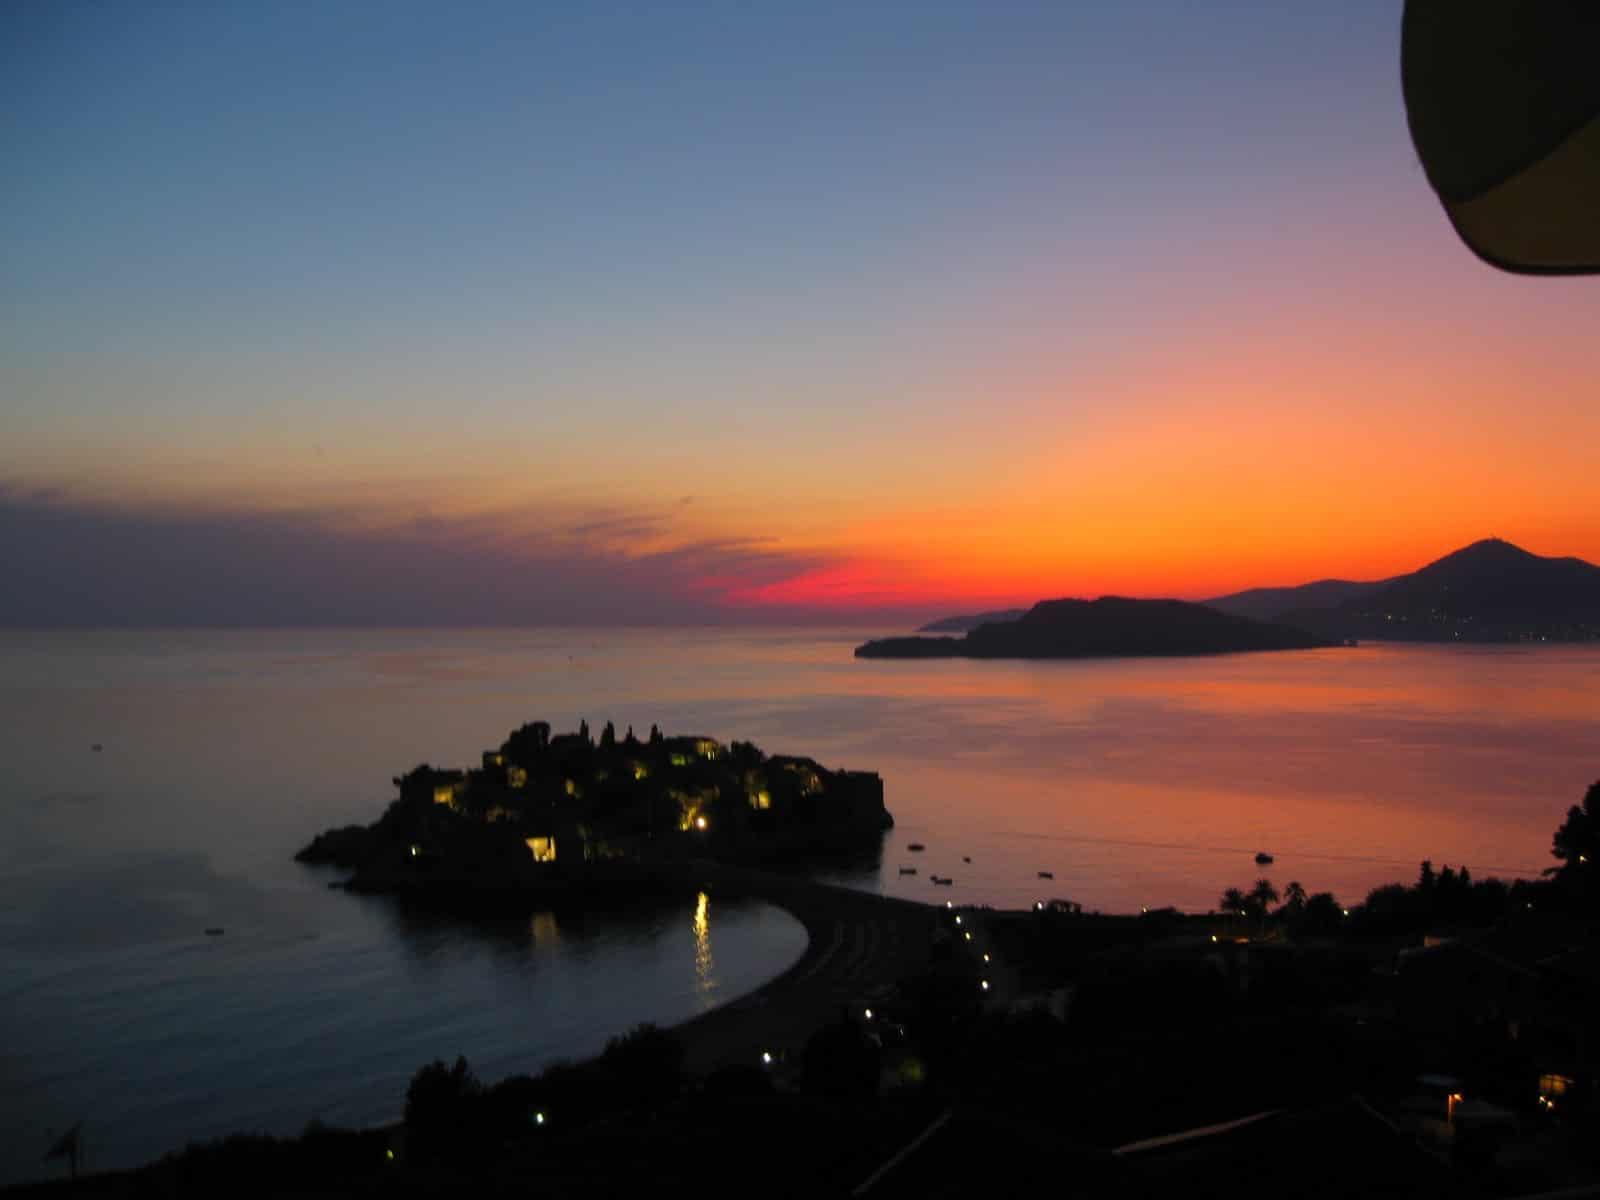 Micuța insulă este una dintre cele mai interesante destinații turistice din lume